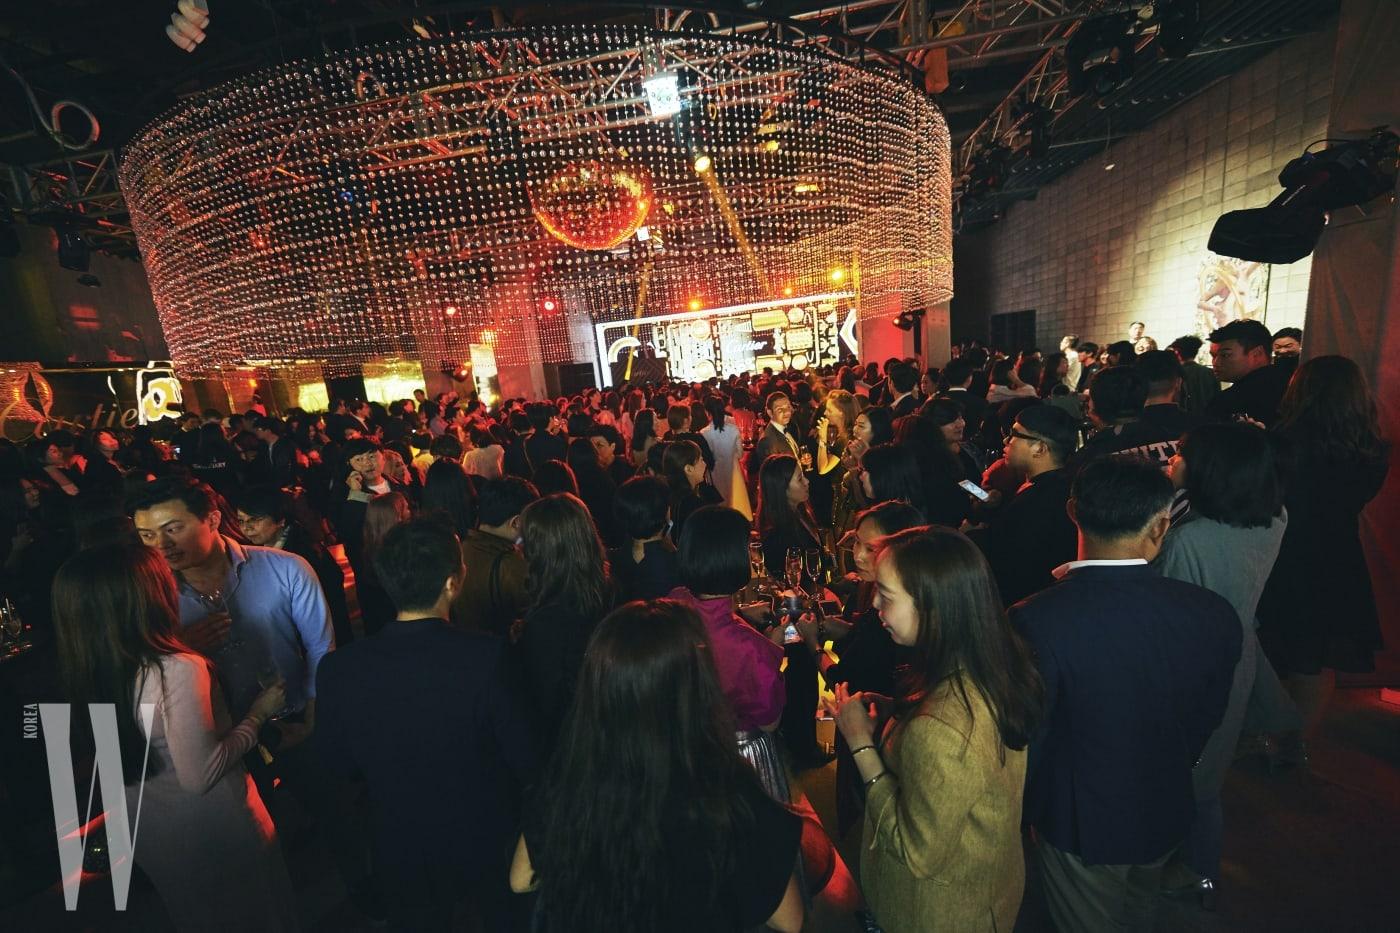 발 디딜 틈 없이 수많은 사람들로 가득한 자이언티 공연 현장. 골든 아워를 주제로 자유로운 클럽 분위기의 멋진 공간을 연출했다.